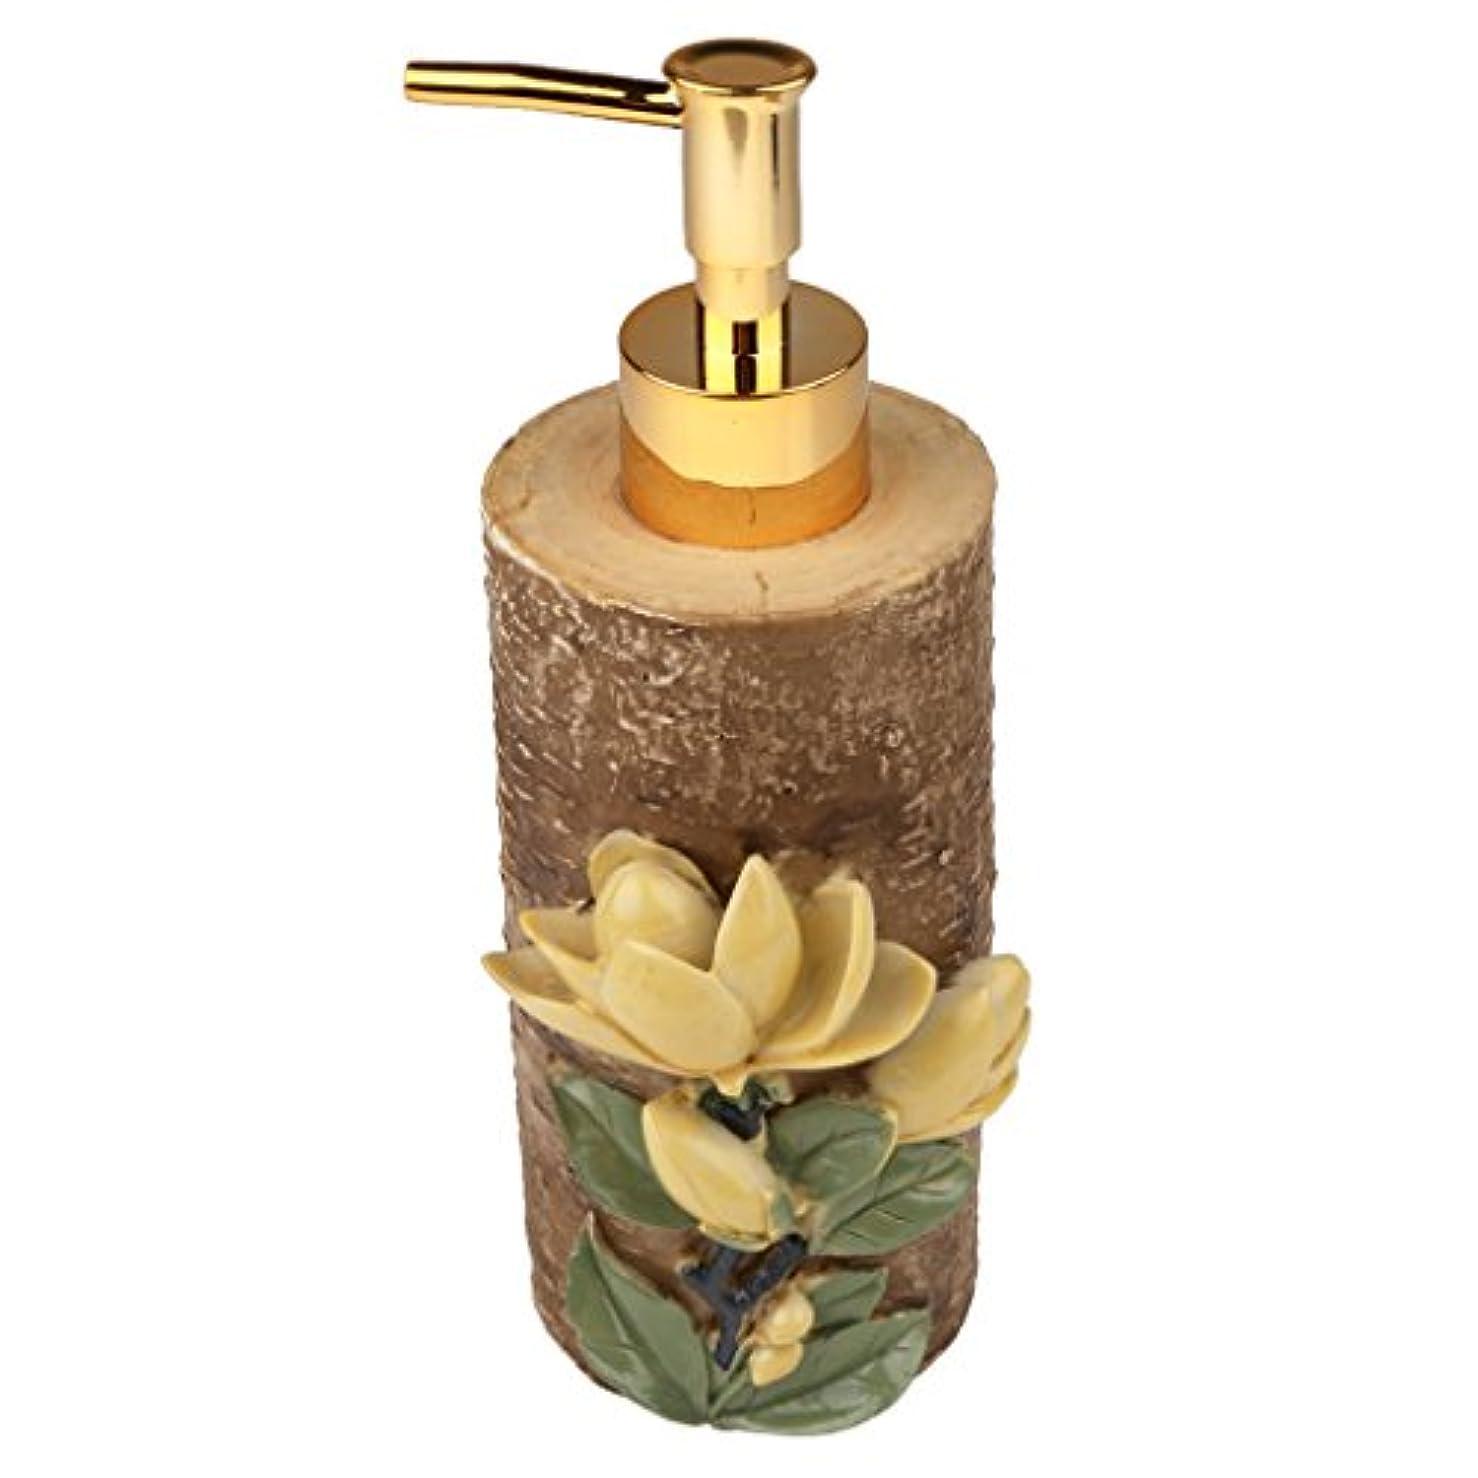 機構かわいらしい自明液体ソープ シャンプー用 空 シャンプー ボトル 詰め替えボトル 美しい エレガント デザイン 全4種類 - #4